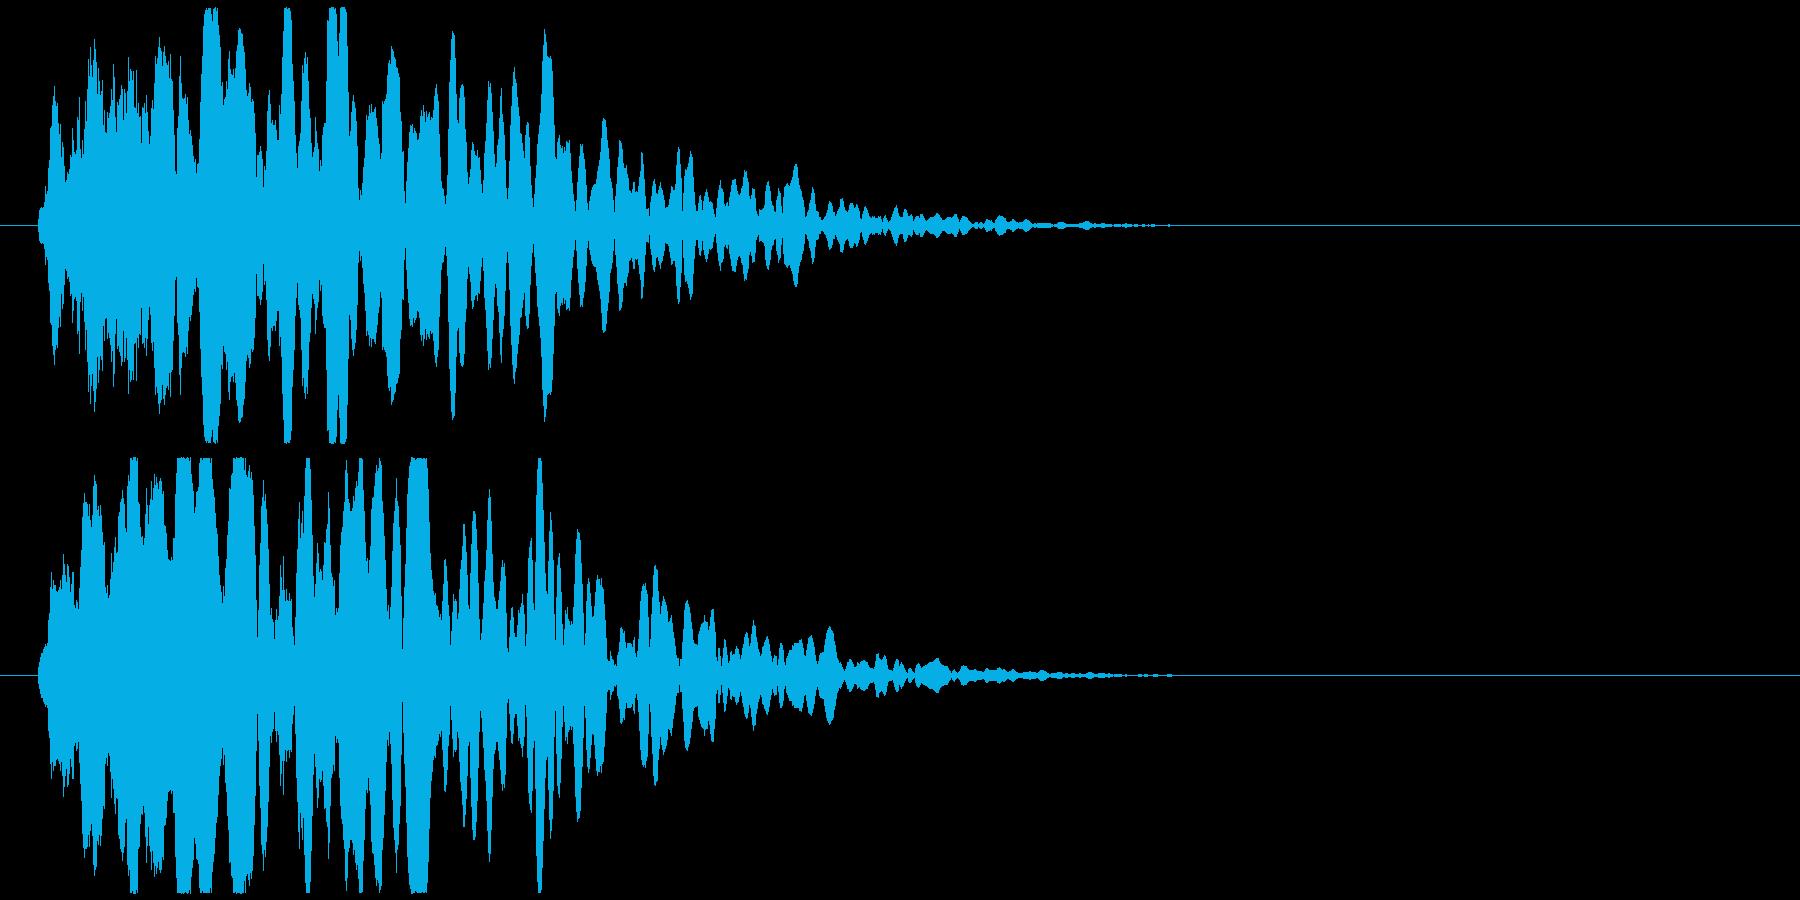 透明感のある衝突音(D4)の再生済みの波形